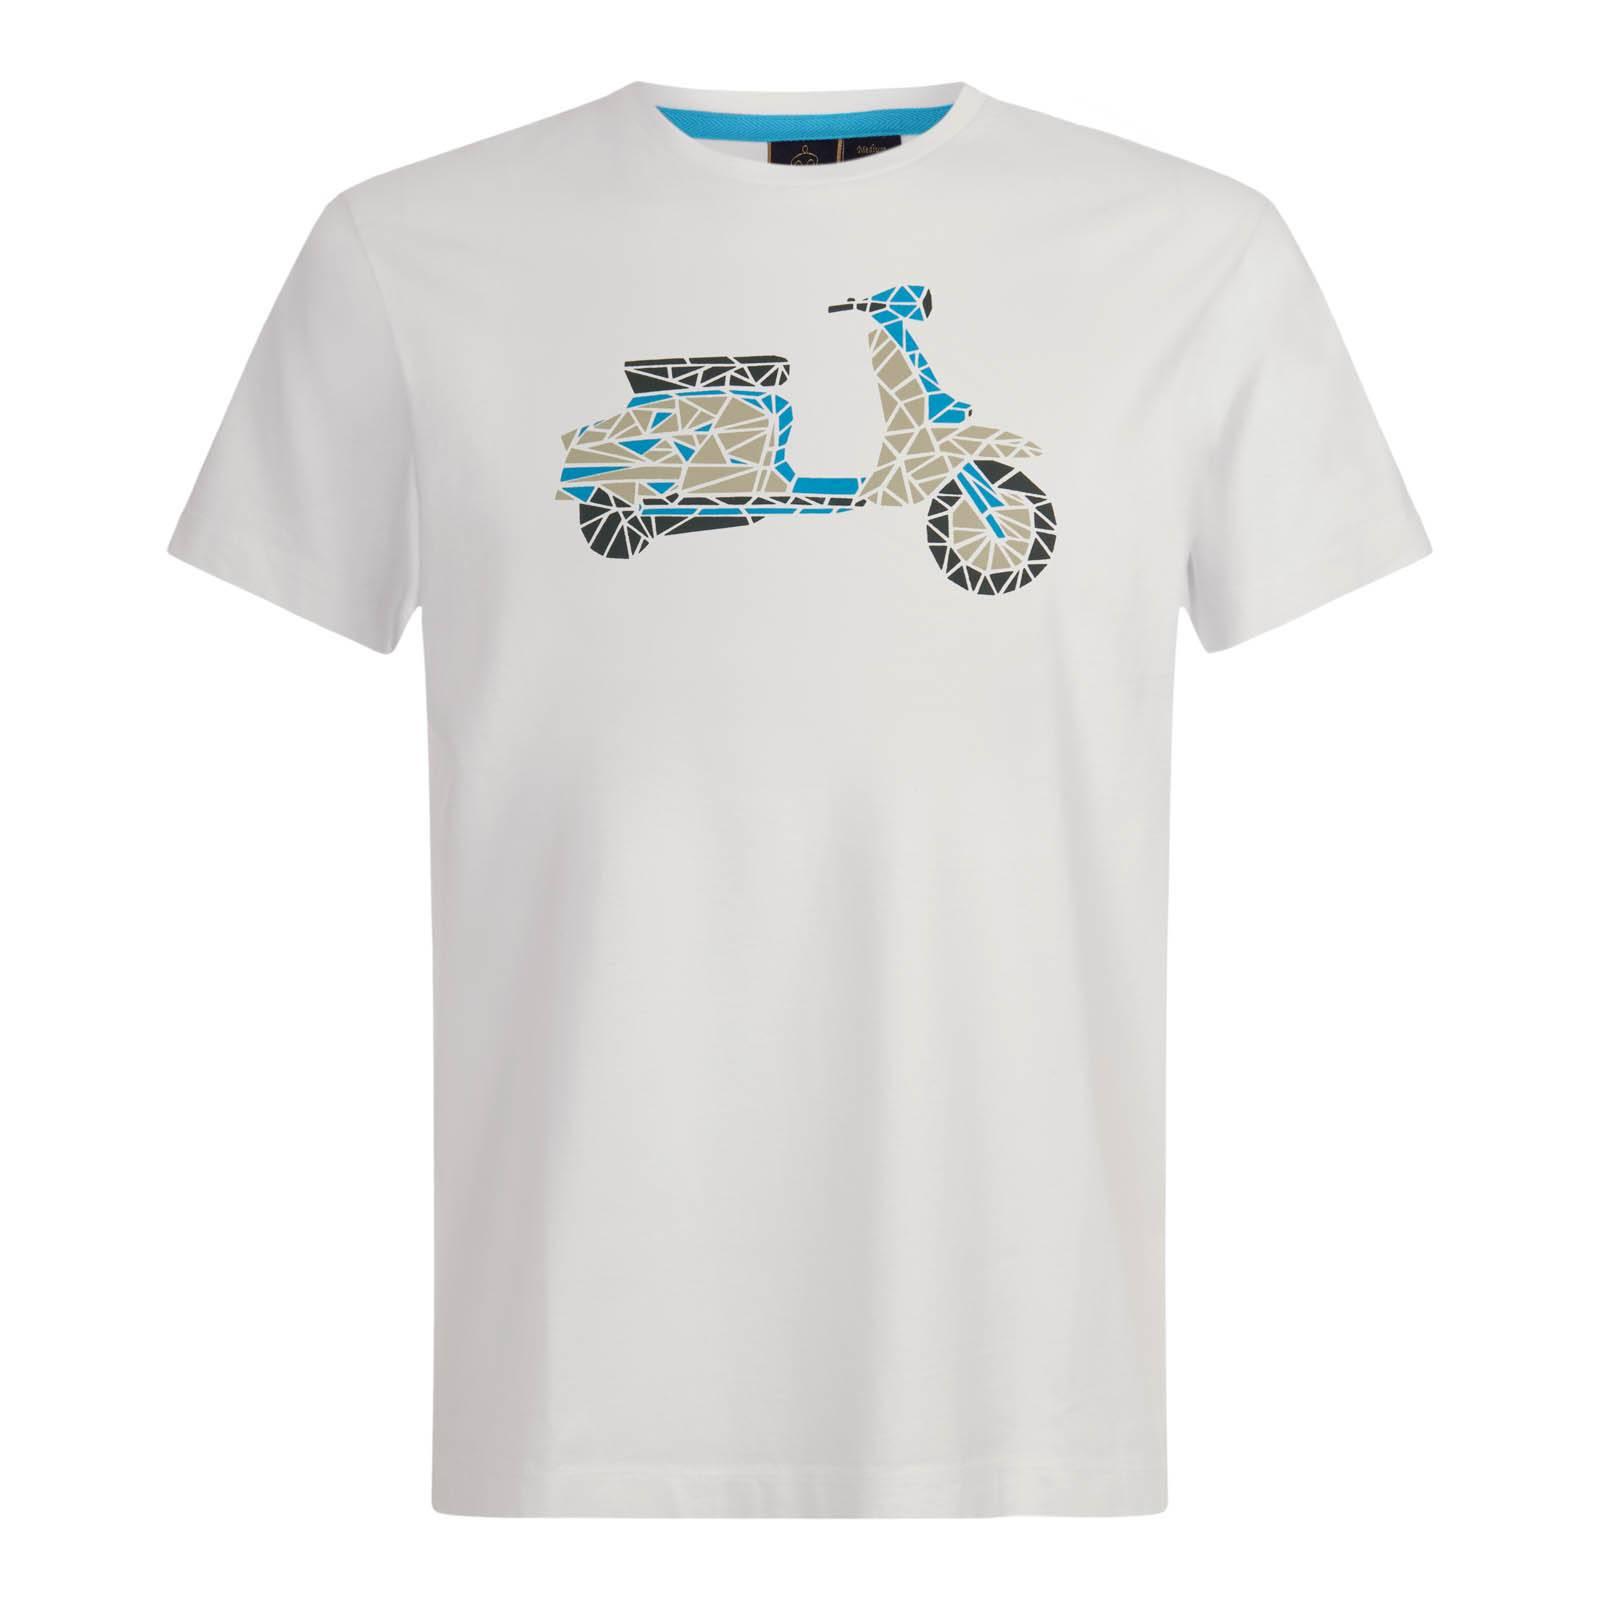 Футболка ScamptonФутболки<br>Мужская футболка комфортного покроя, изготовленная из легкой хлопковой ткани Джерси. Красивый принт в виде мозаичного скутера символизирует связь бренда с британской мод-культурой Свингующих Шестидесятых.  Брендирована фирменным логотипом Корона, вышитым контрастными нитями на правом рукаве. Хорошо сочетается с весенними и летними парками, олимпийками, чиносами, шортами и Харрингтоном.<br><br>Артикул: 1716203<br>Материал: 100% хлопок<br>Цвет: белый<br>Пол: Мужской